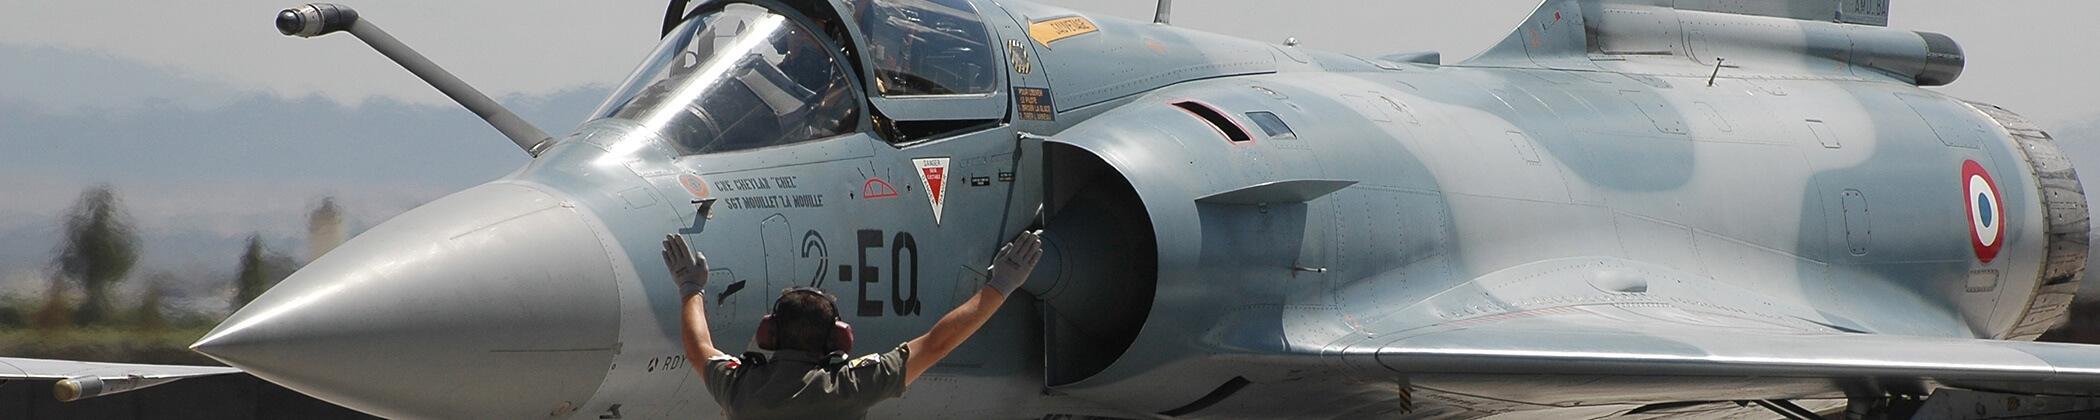 Avion de chasse Mirage